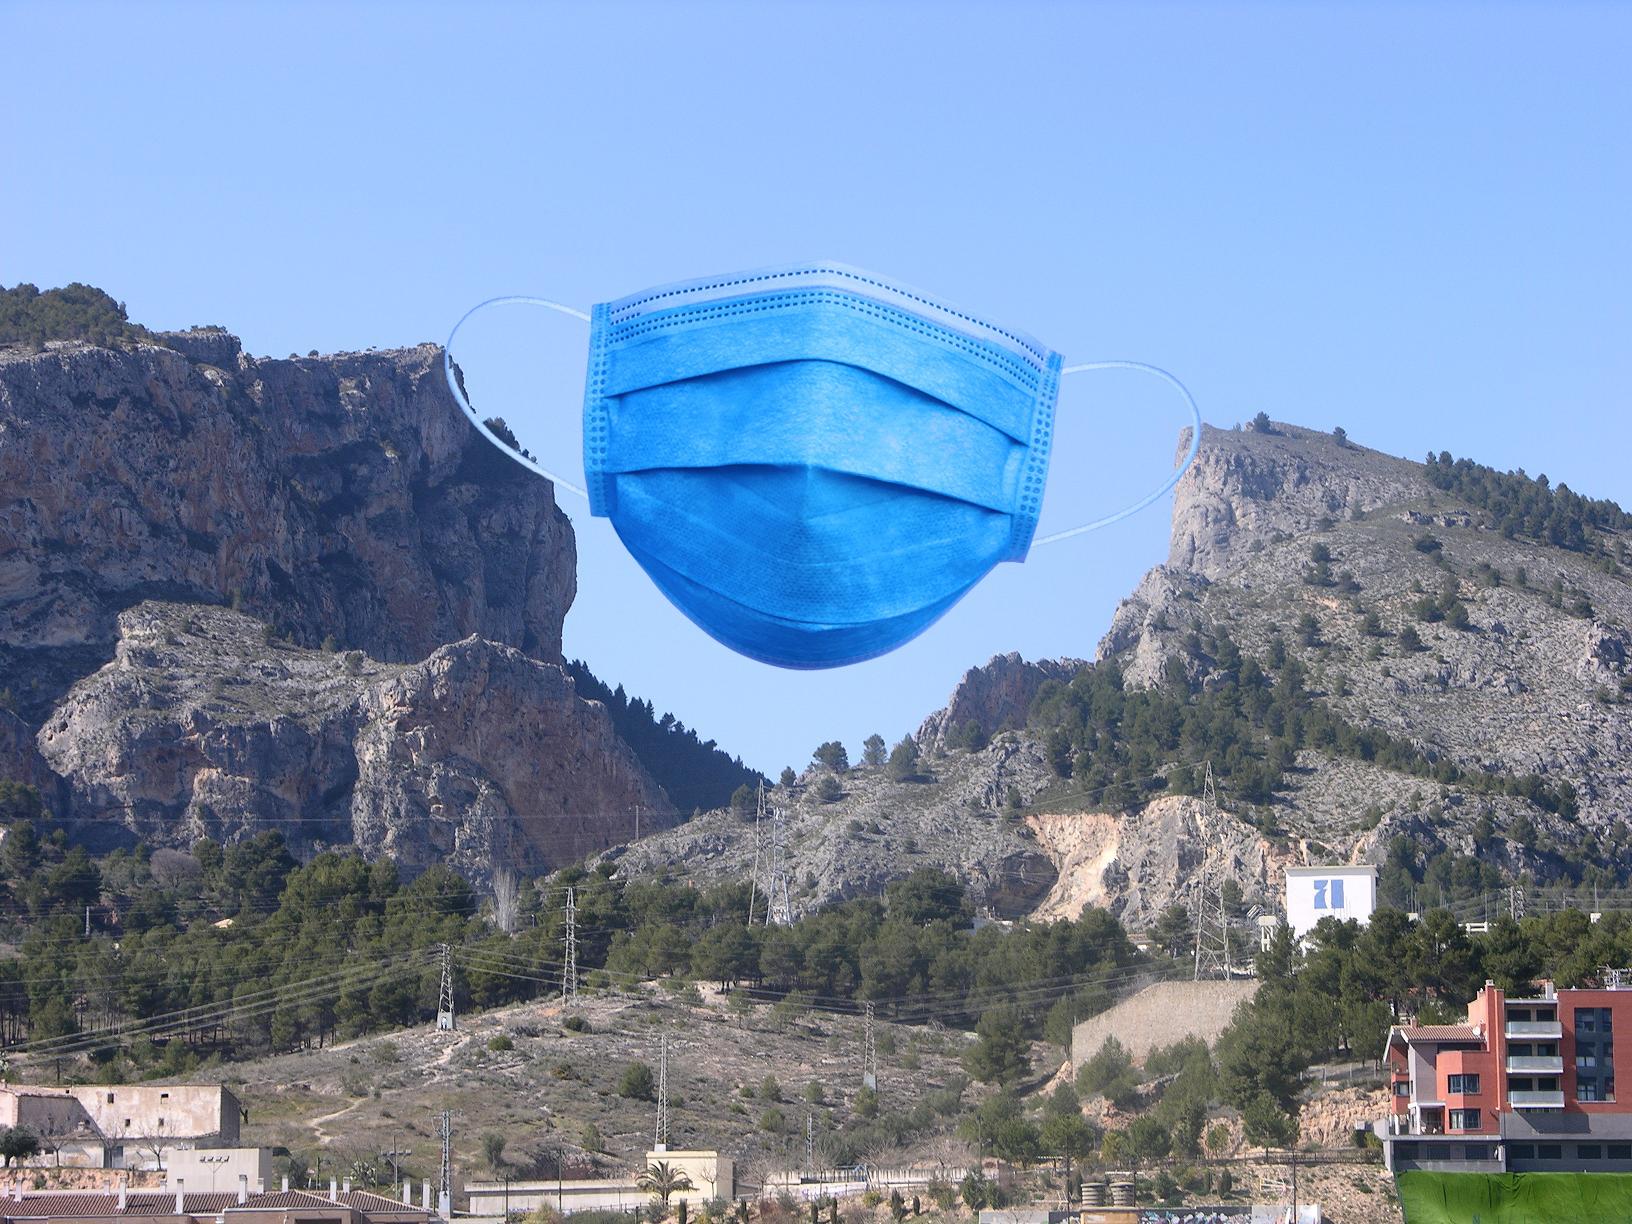 El Ayuntamiento coloca una mascarilla gigante en el Barranc del Cint para impedir la entrada del coronovirus